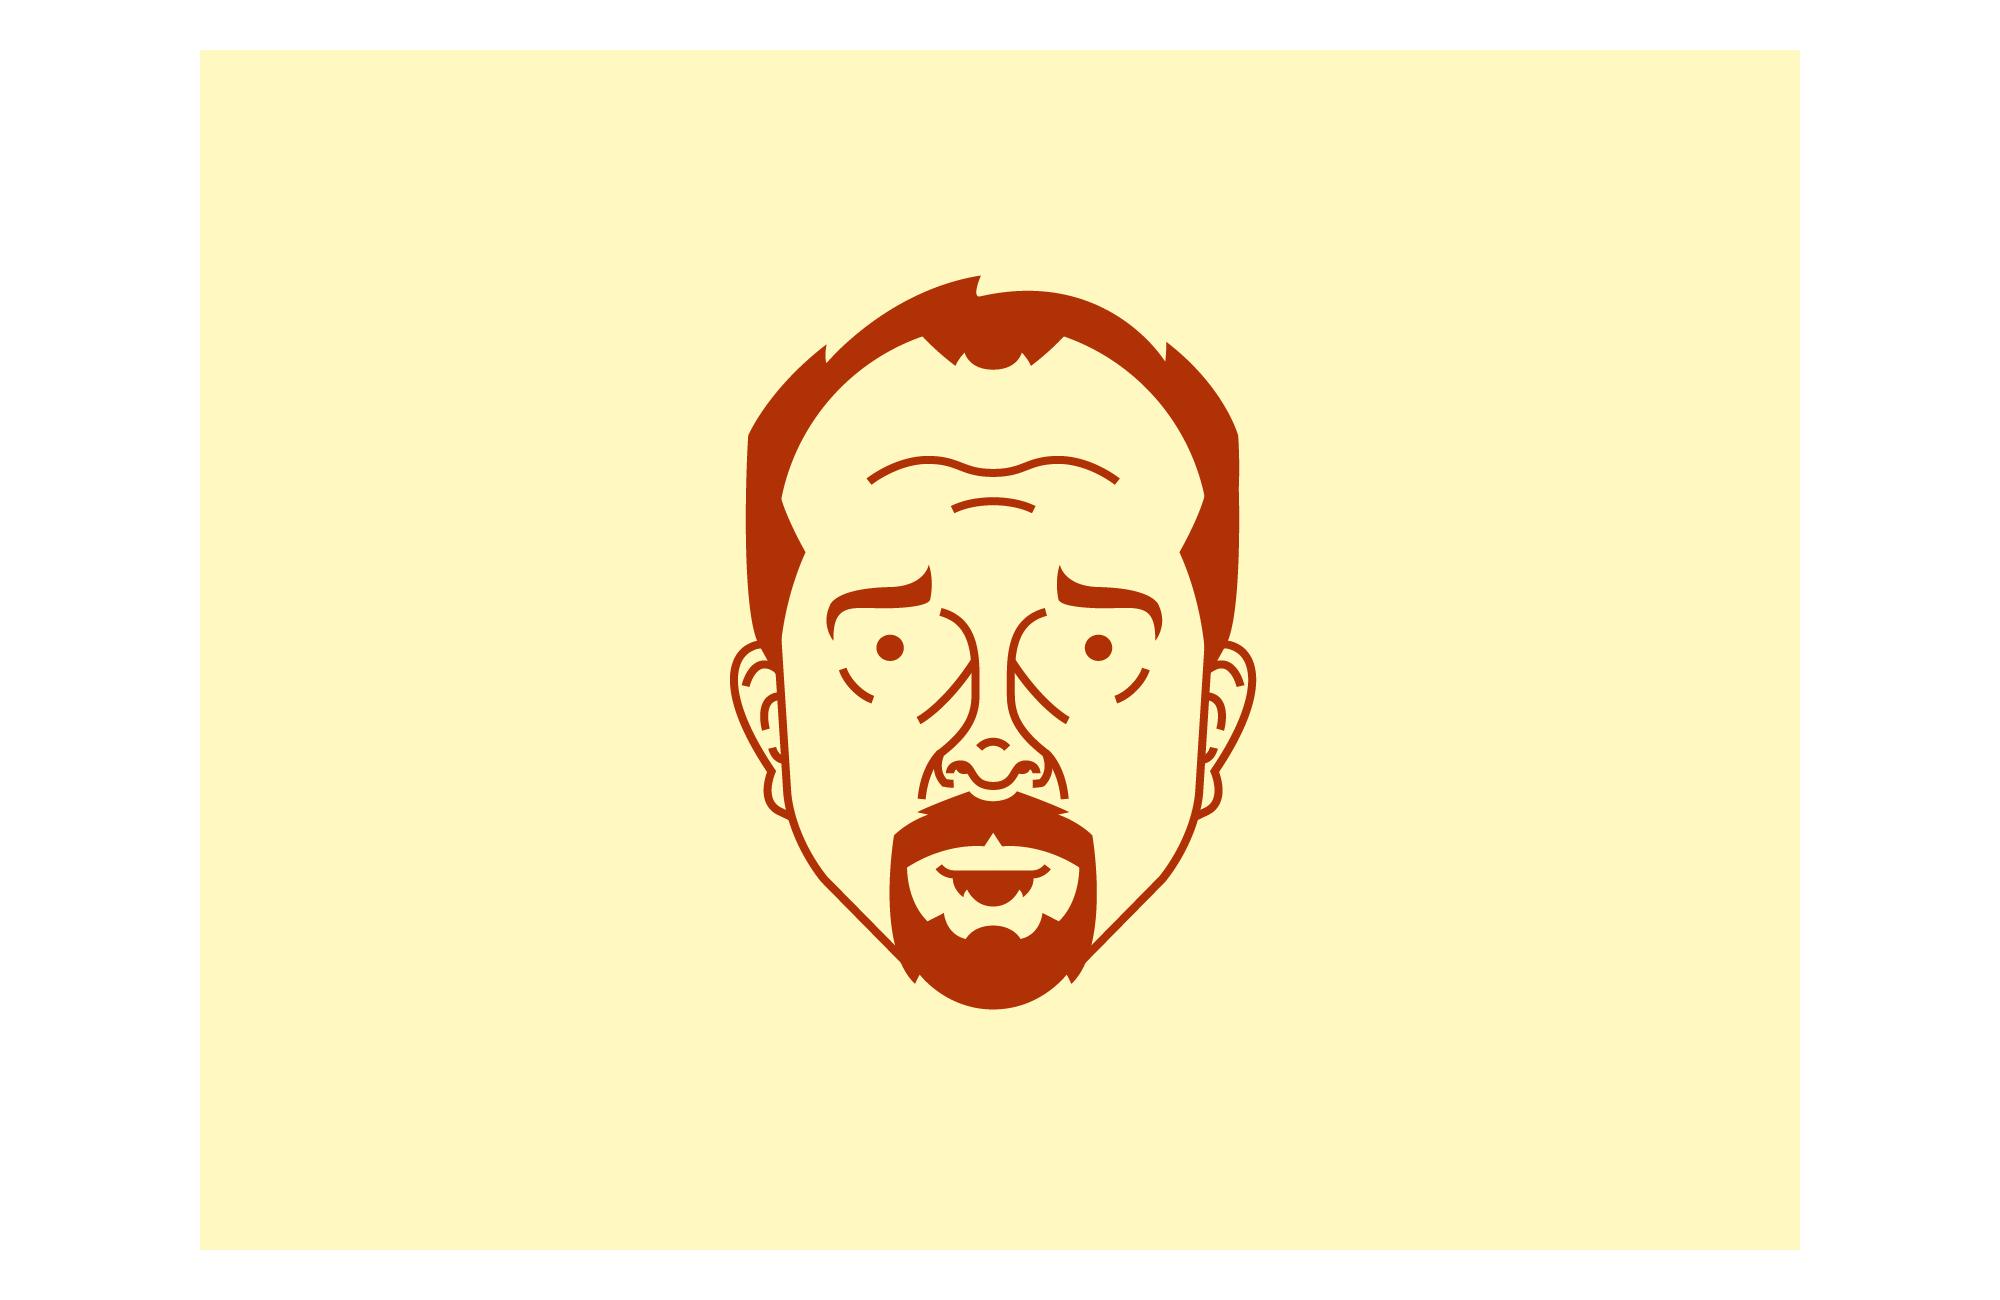 Illustrated avatars